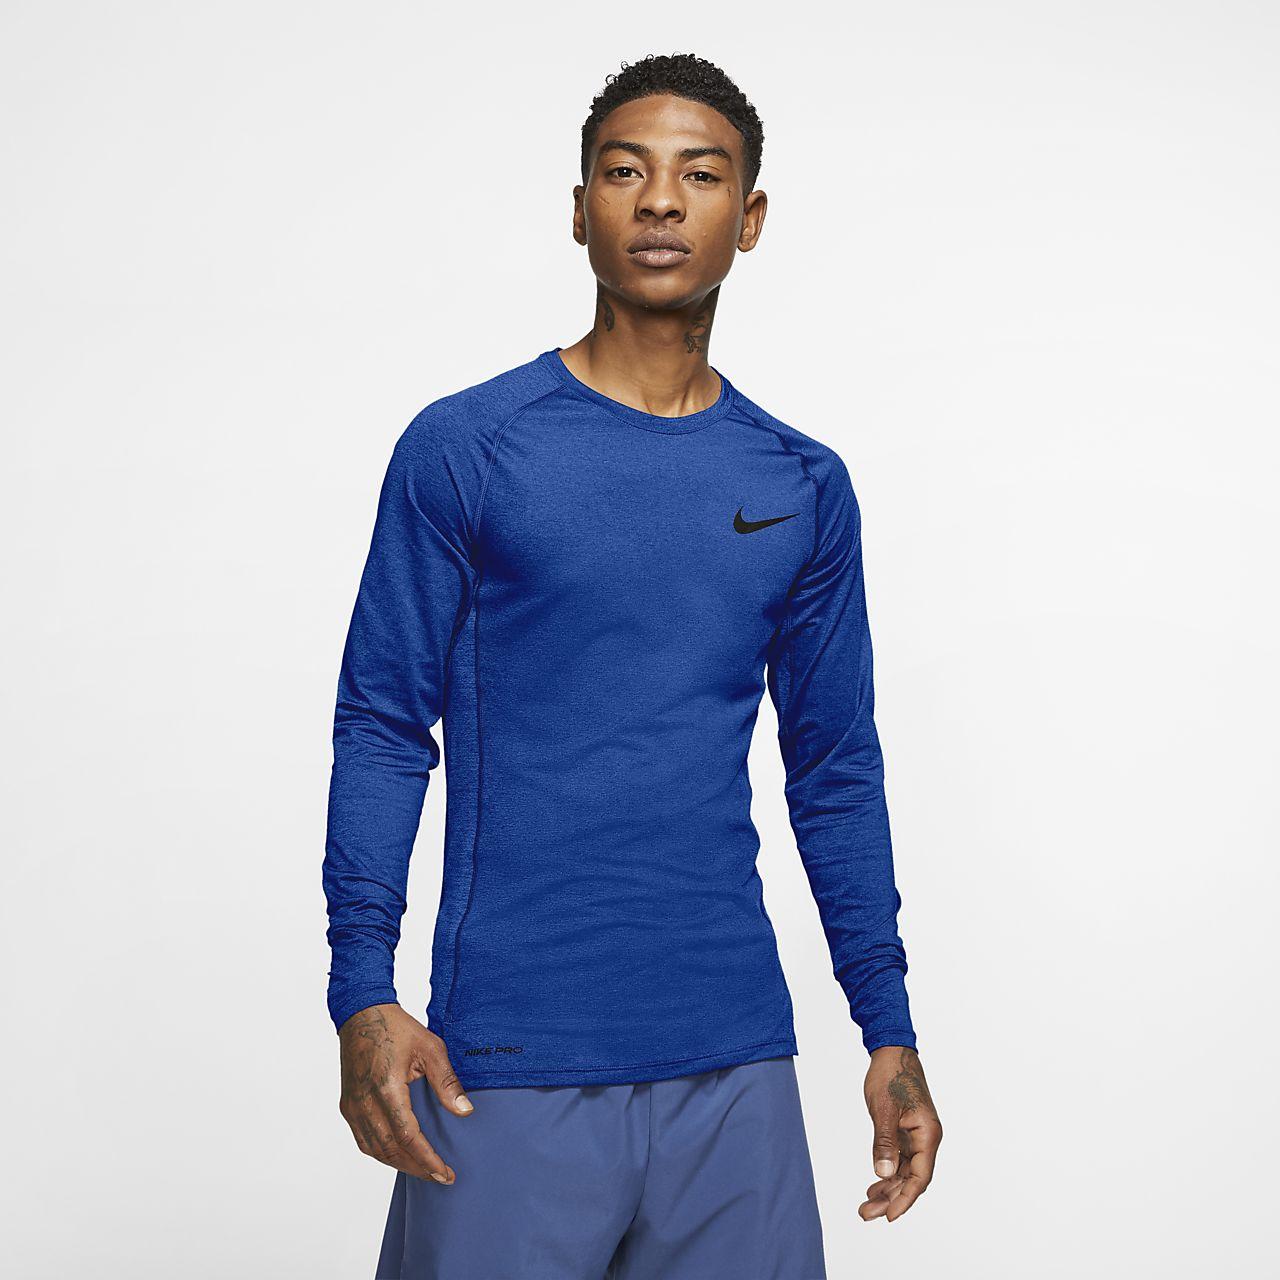 Camisola de manga comprida com corte justo Nike Pro para homem